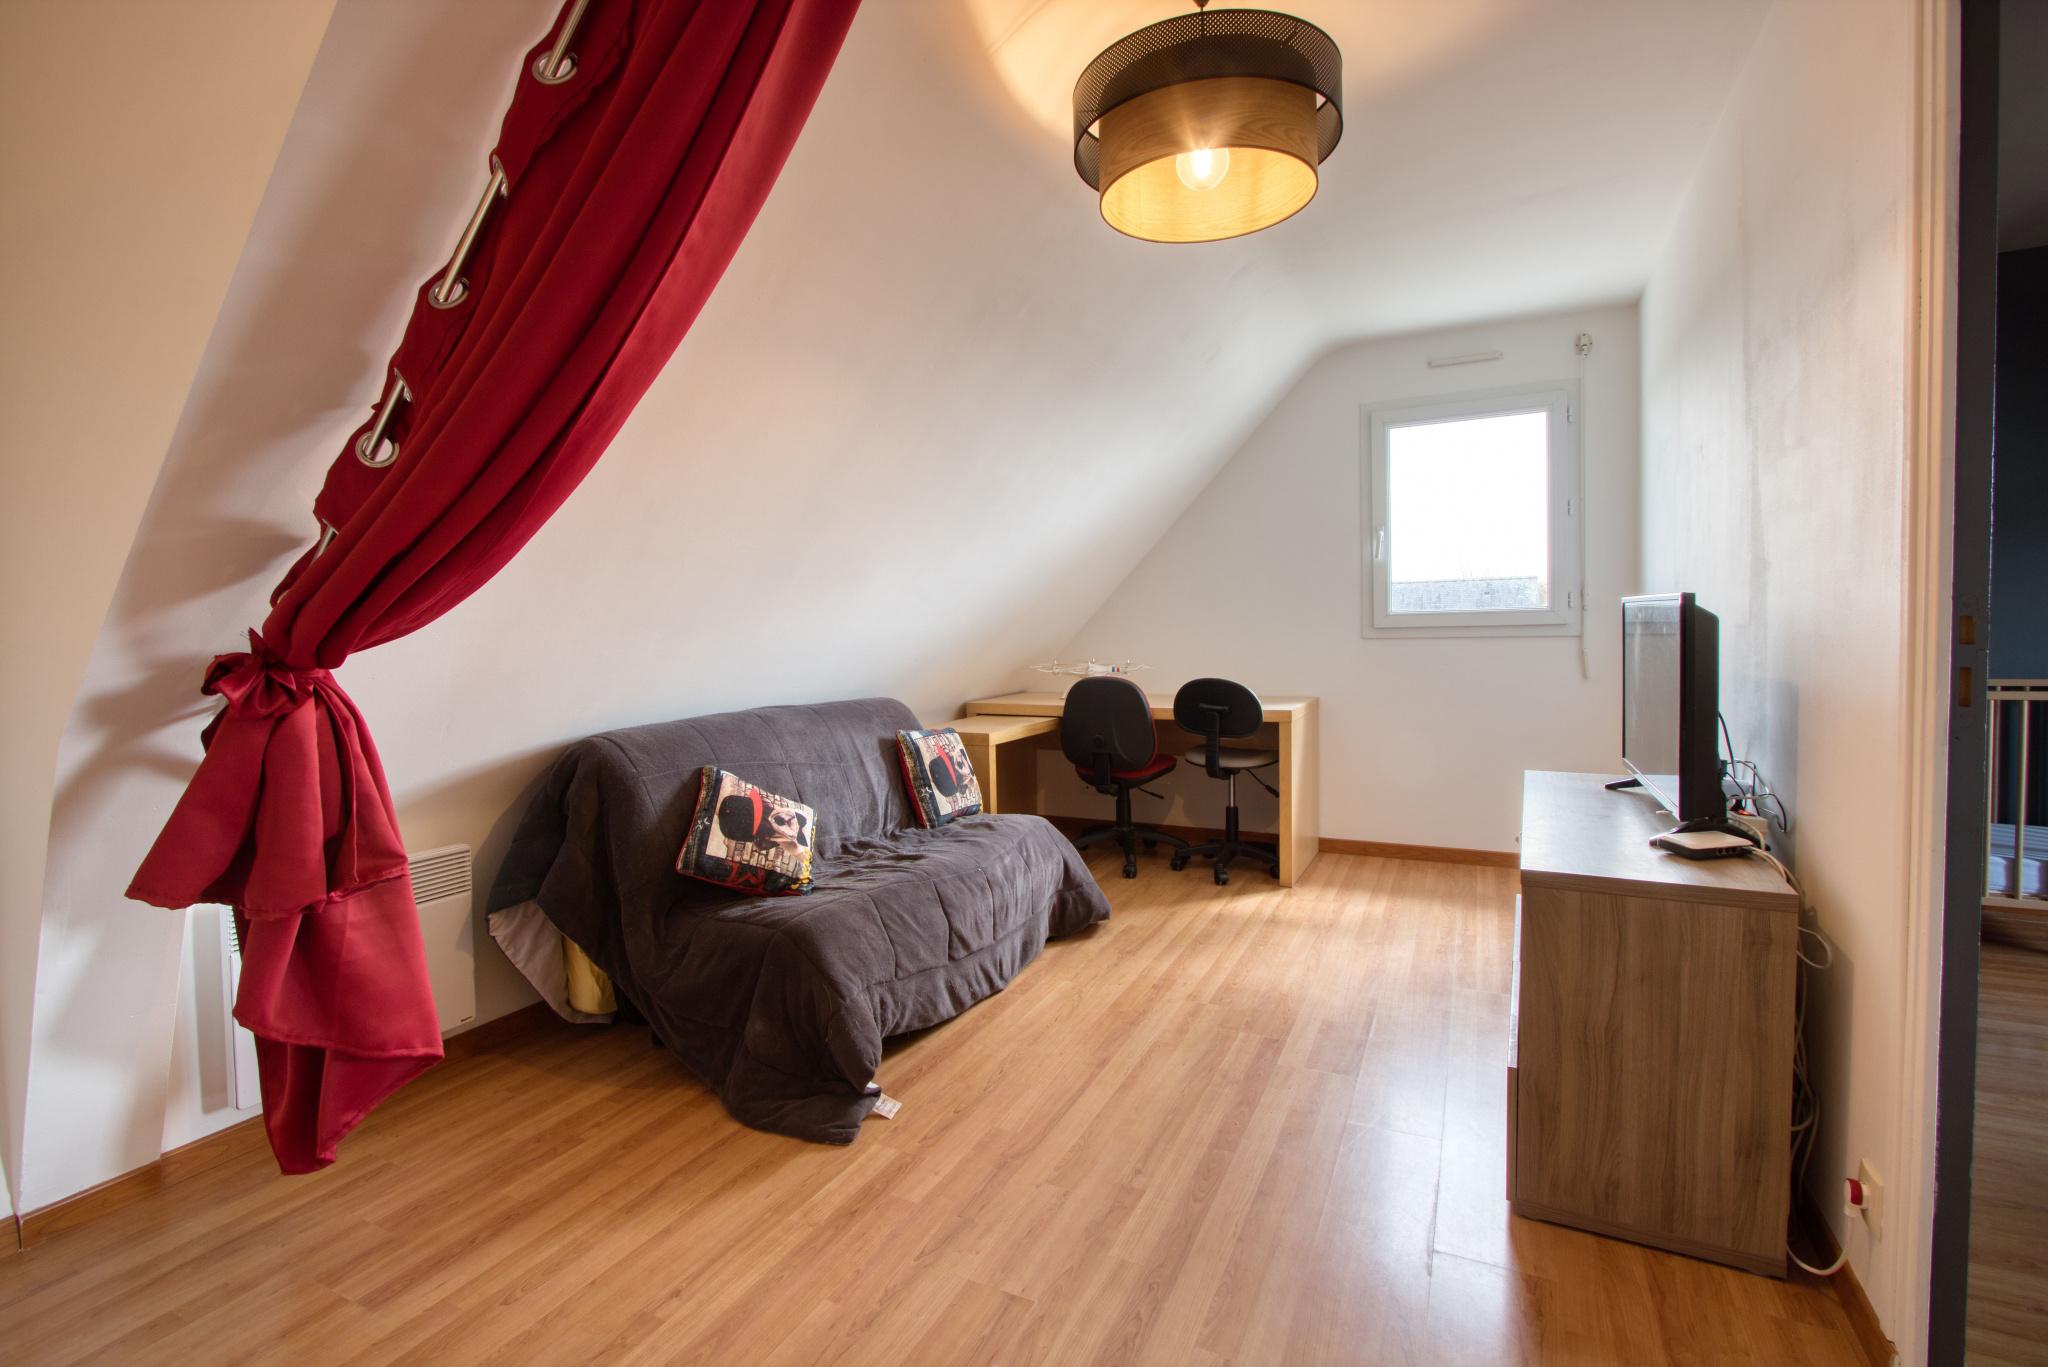 Bureau ou possibilité de chambre d'appoint pour cette mezzanine de 14,50 m2